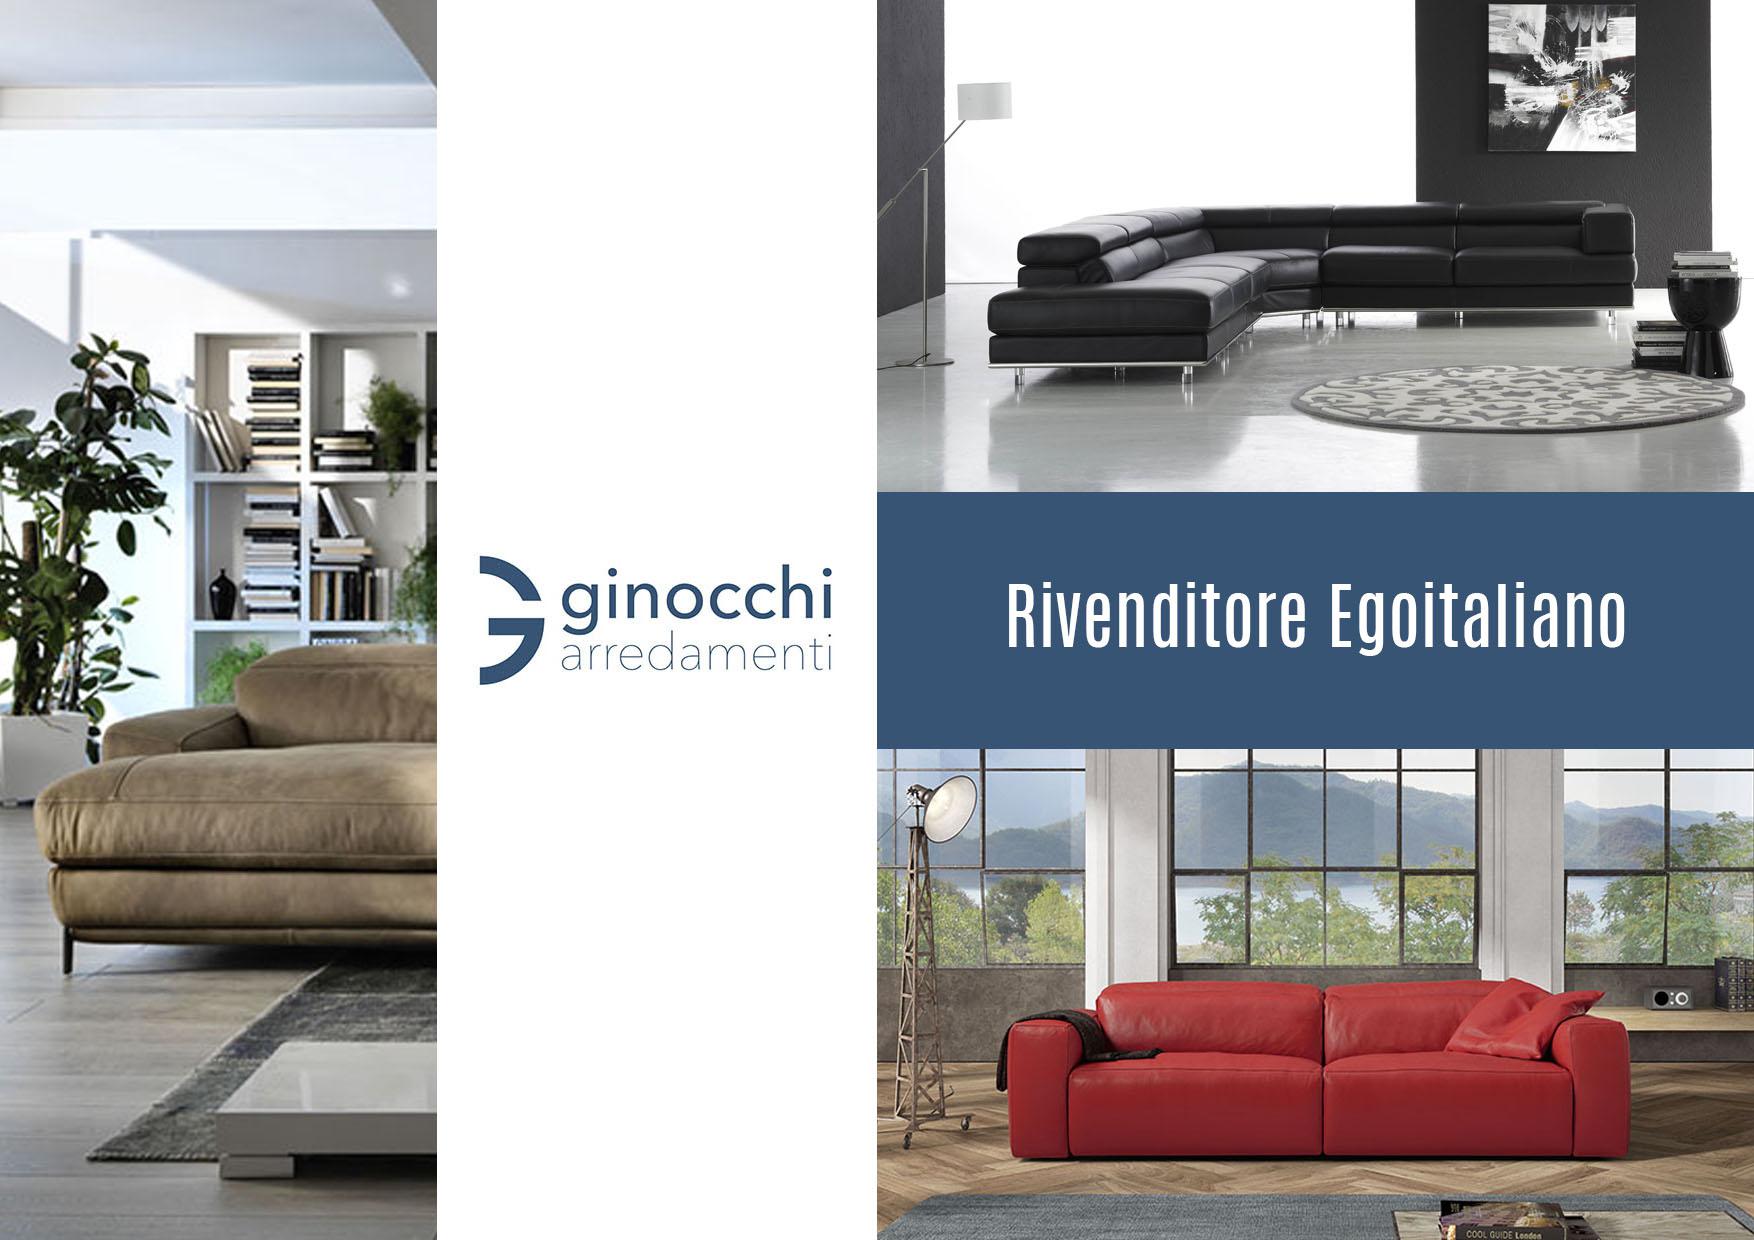 Egoitaliano rivenditore a roma ginocchi arredamenti for Ginocchi arredamenti roma